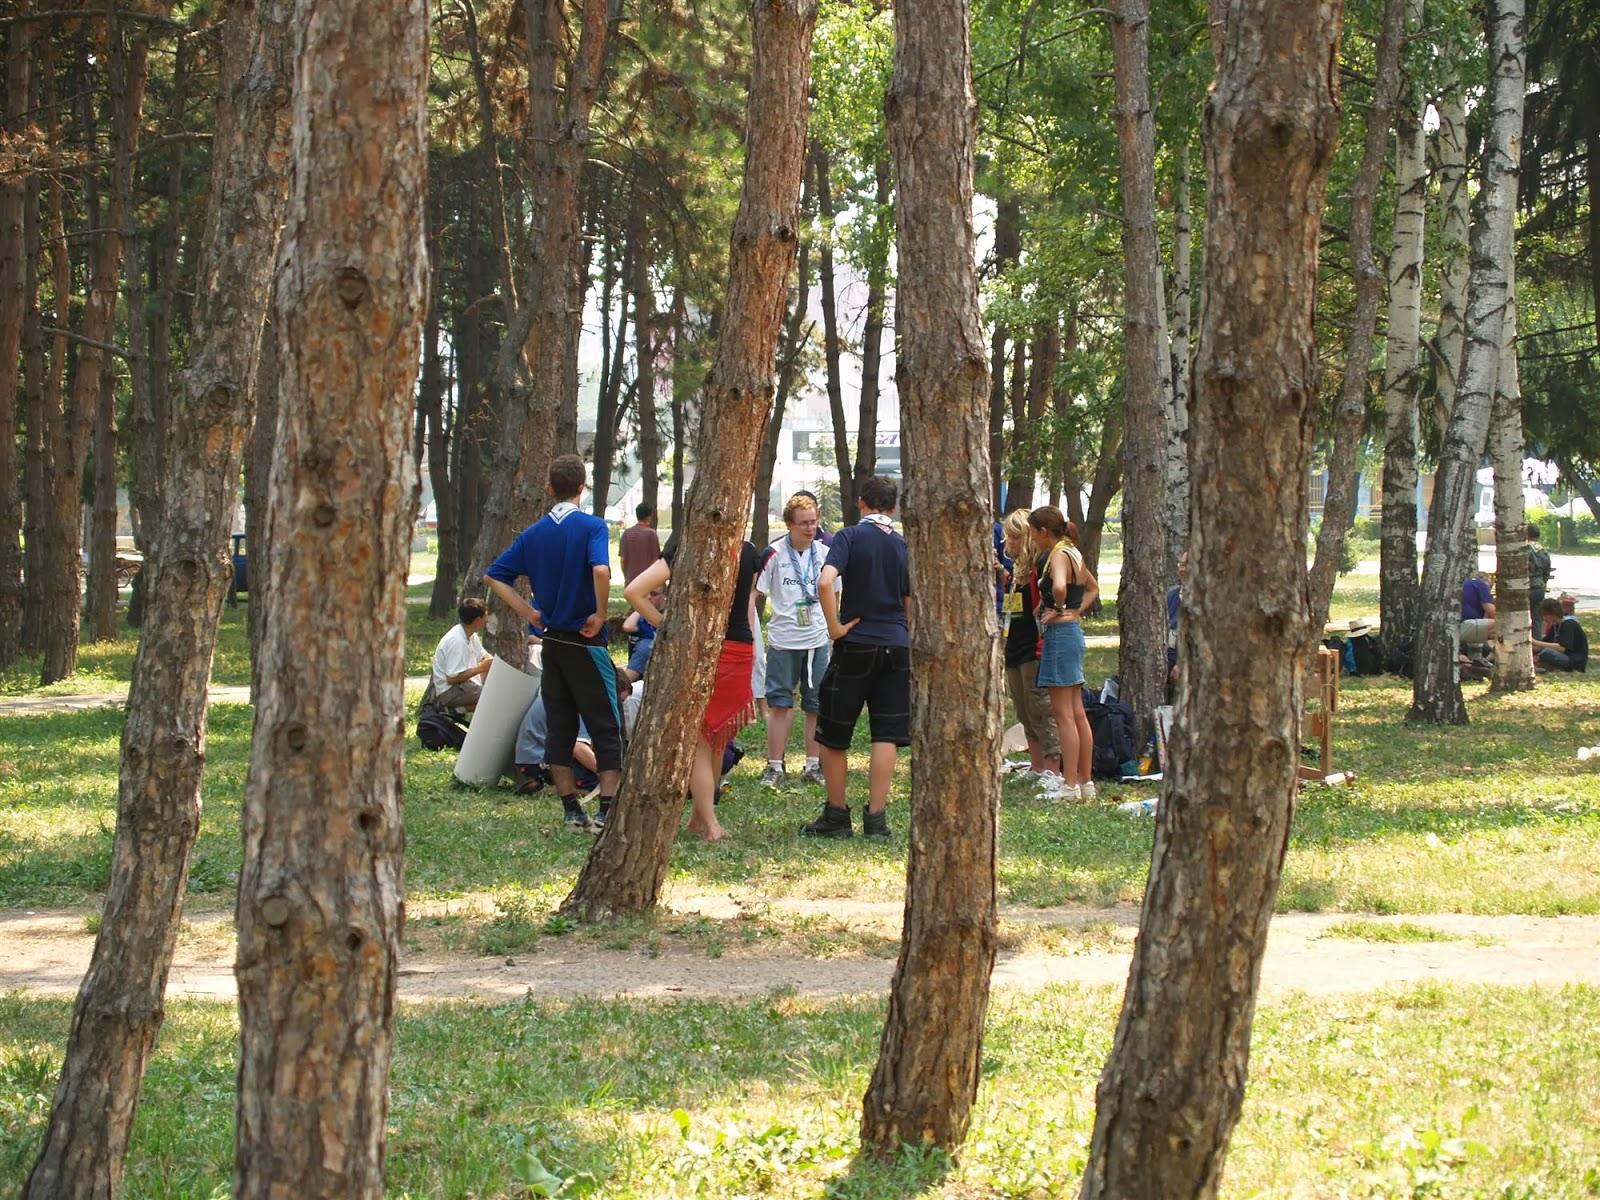 Smotra, Smotra 2006 - P0251792.JPG